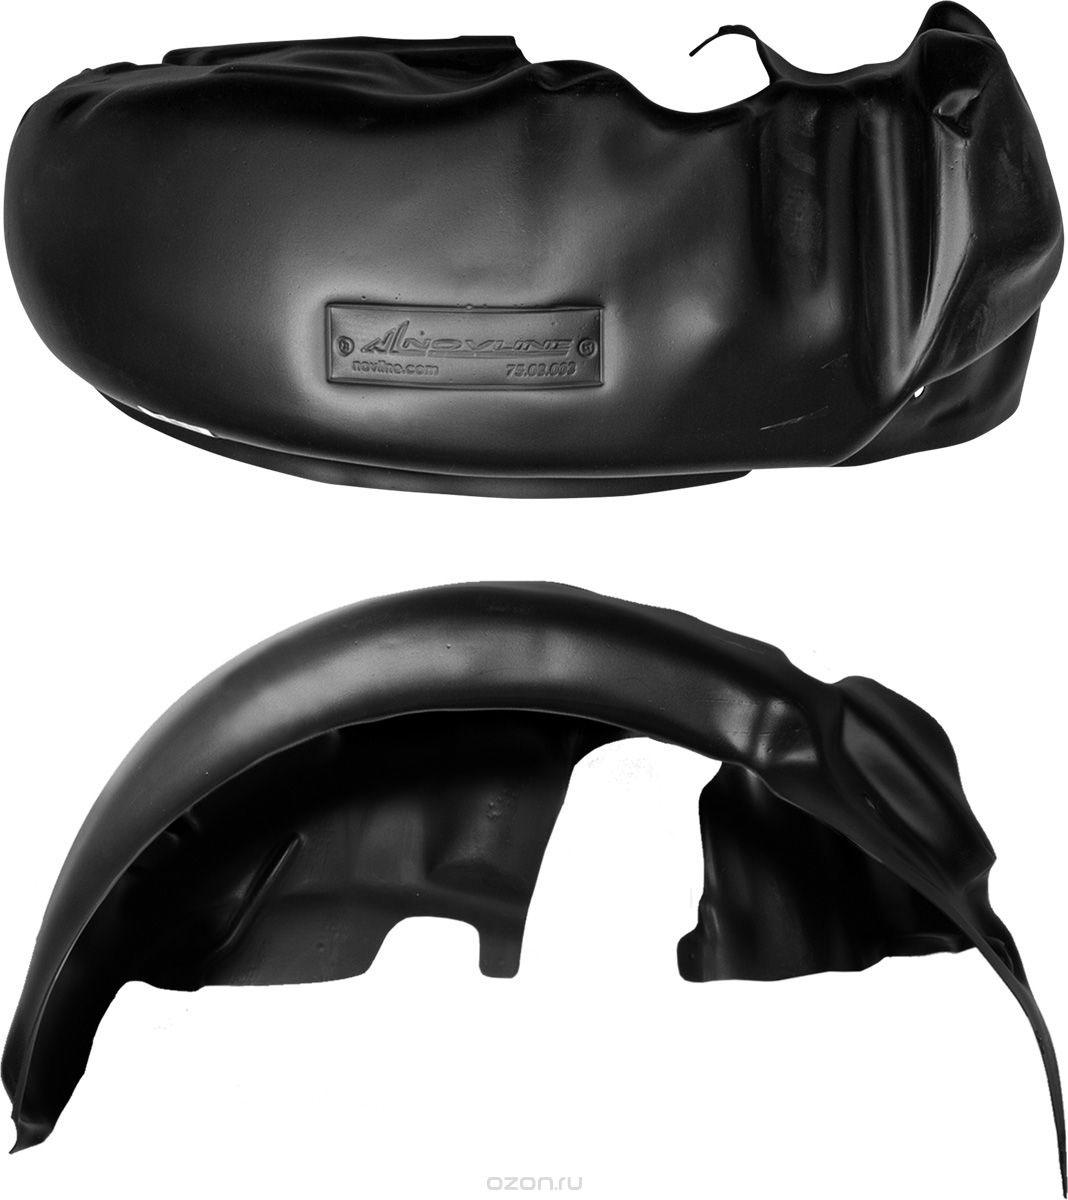 Подкрылок Novline-Autofamily, для УАЗ Hunter 11/2003->, задний правыйVCA-00Идеальная защита колесной ниши. Локеры разработаны с применением цифровых технологий, гарантируют максимальную повторяемость поверхности арки. Изделия устанавливаются без нарушения лакокрасочного покрытия автомобиля, каждый подкрылок комплектуется крепежом. Уважаемые клиенты, обращаем ваше внимание, что фотографии на подкрылки универсальные и не отражают реальную форму изделия. При этом само изделие идет точно под размер указанного автомобиля.